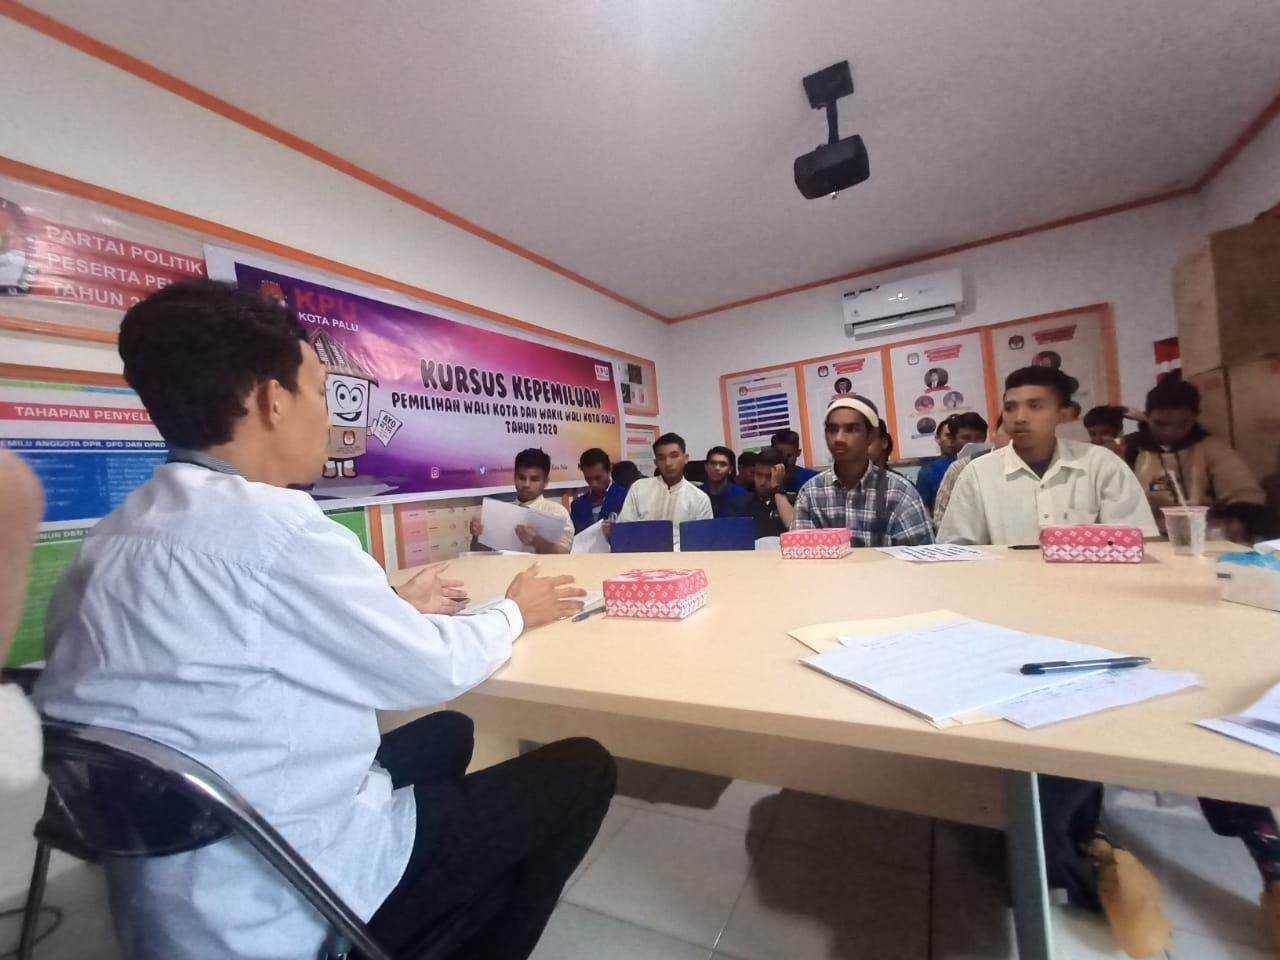 Mahasiswa Unisa Kursus Kepemiluan di KPU Kota Palu